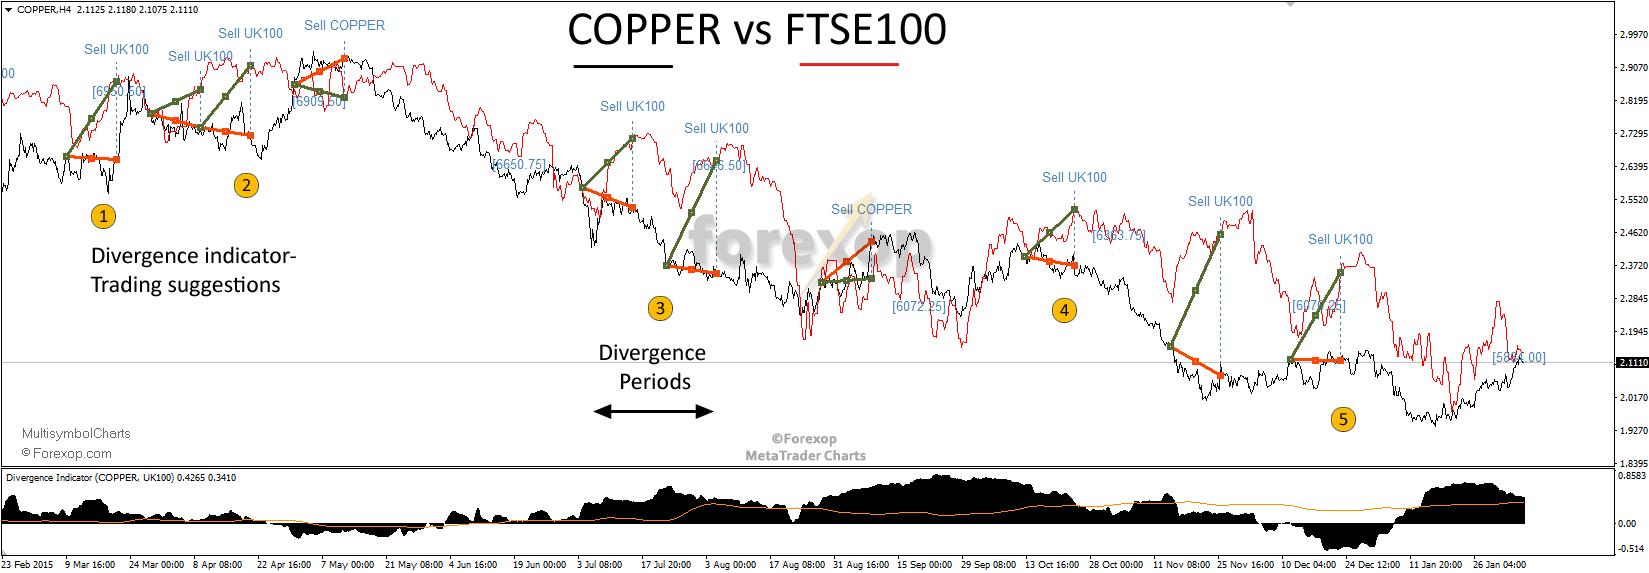 Figure 5: Copper futures versus FTSE-100 share index